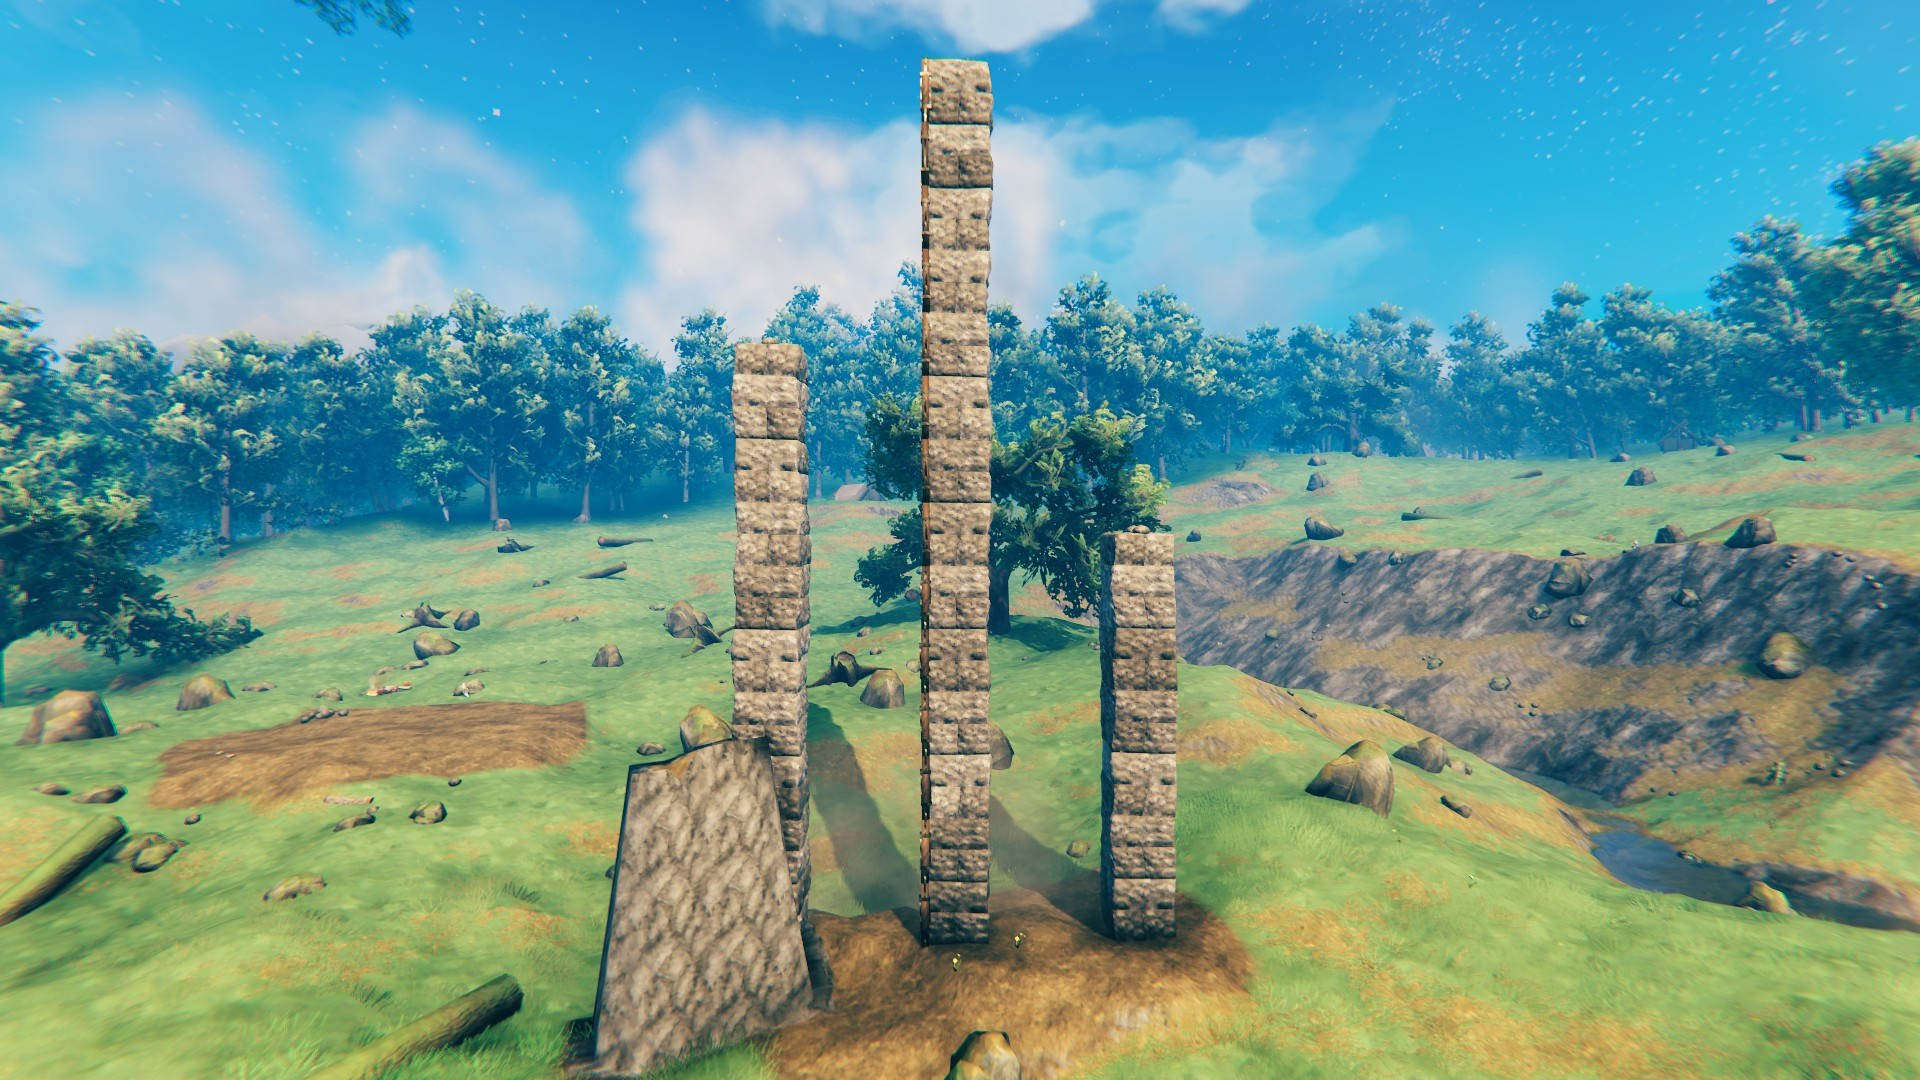 Alturas de guía de canteros y edificios de piedra de Valheim